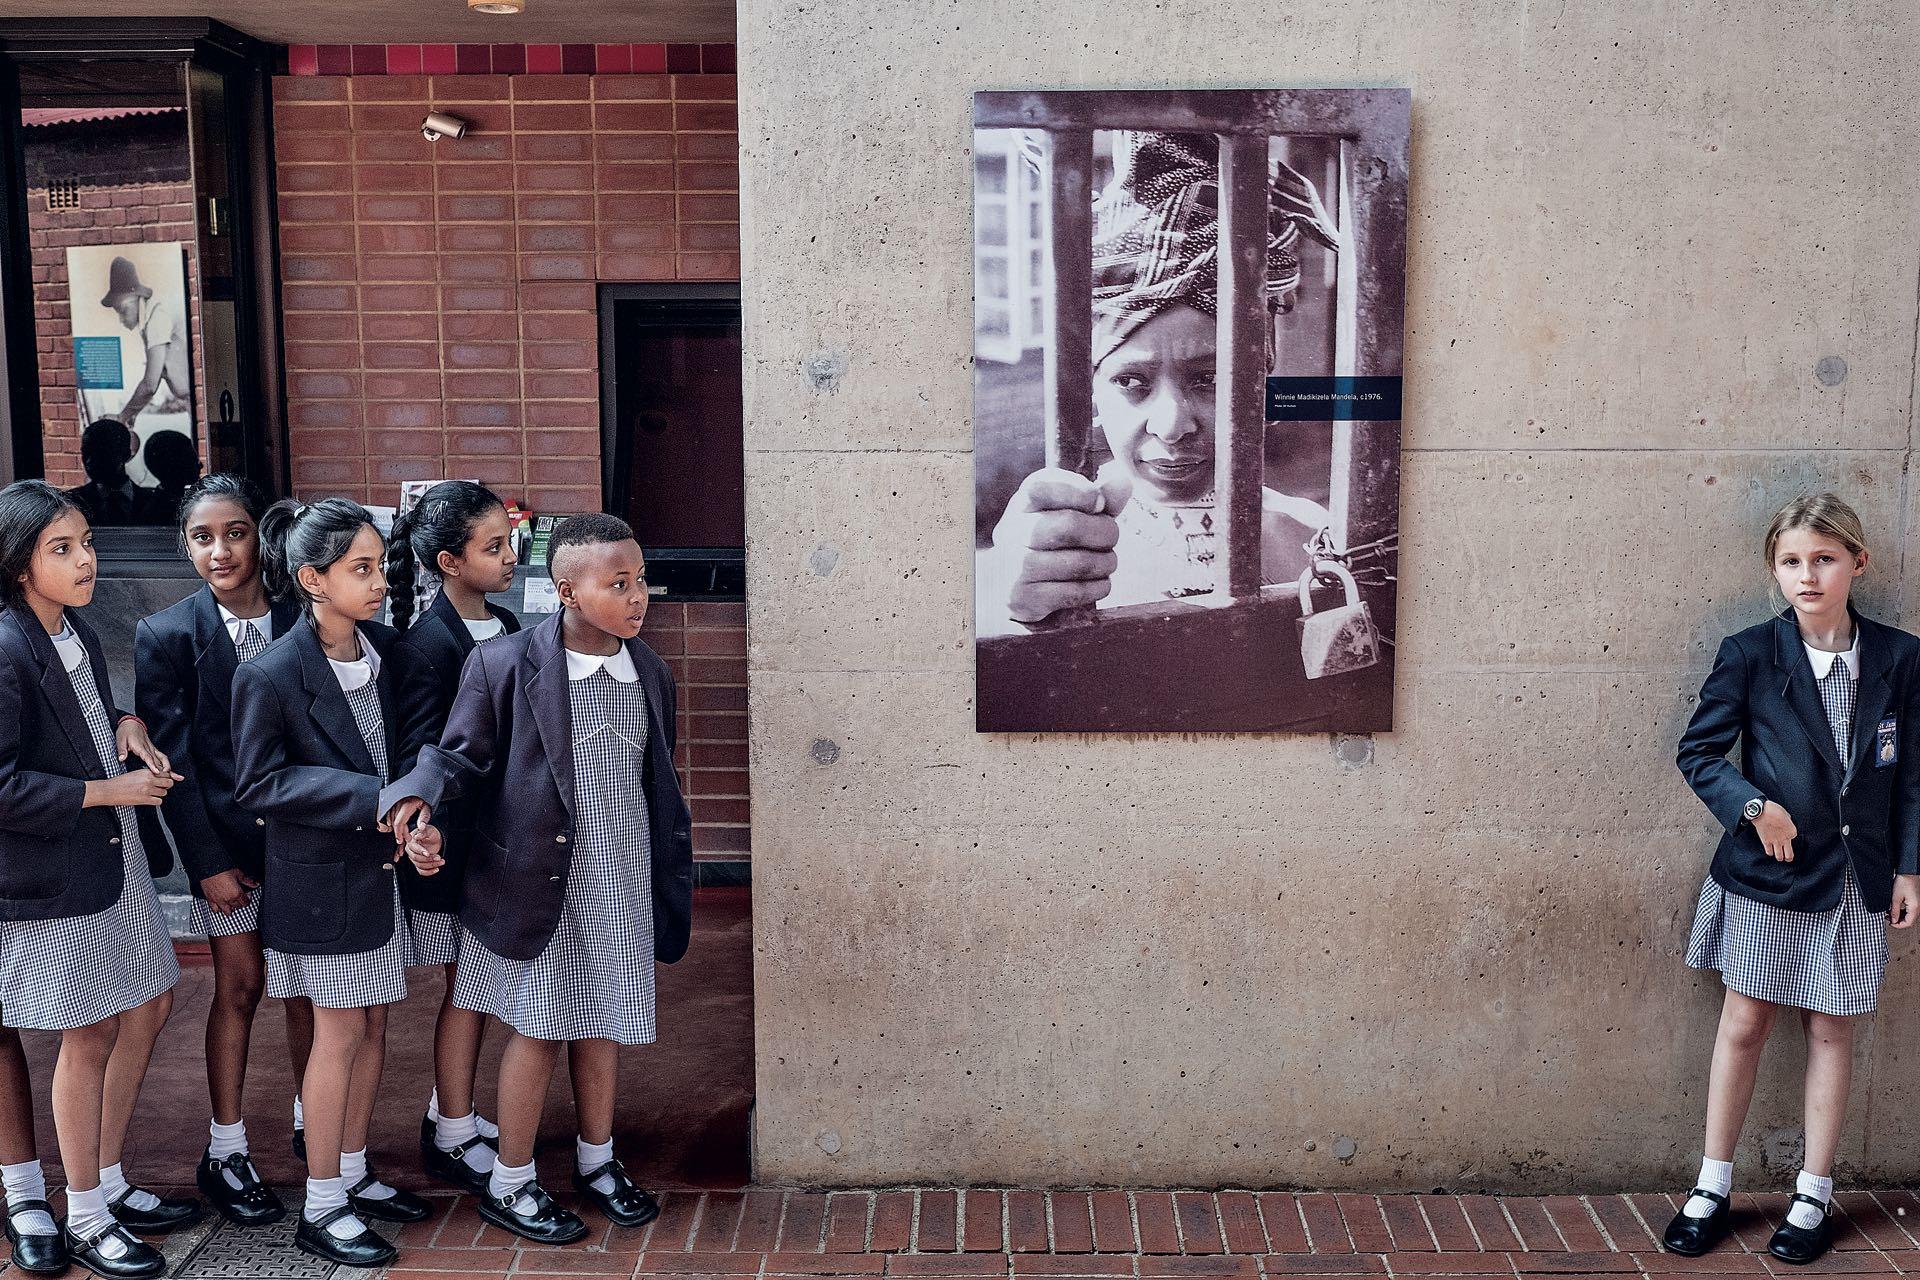 Abril. La muerte de Winnie Mandela –esposa del legendario Nelson Mandela–, ocurrida el 2 de abril, provocó conmoción en Sudáfrica. En un país atravesado por las más deleznables prácticas racistas, la imagen de esta mujer que se plantó contra el Apartheid es una de las más fuertes de esa región. Su casa de Soweto llamó la atención de estas niñas que hoy, afortunadamente, parecen vivir una realidad distinta.